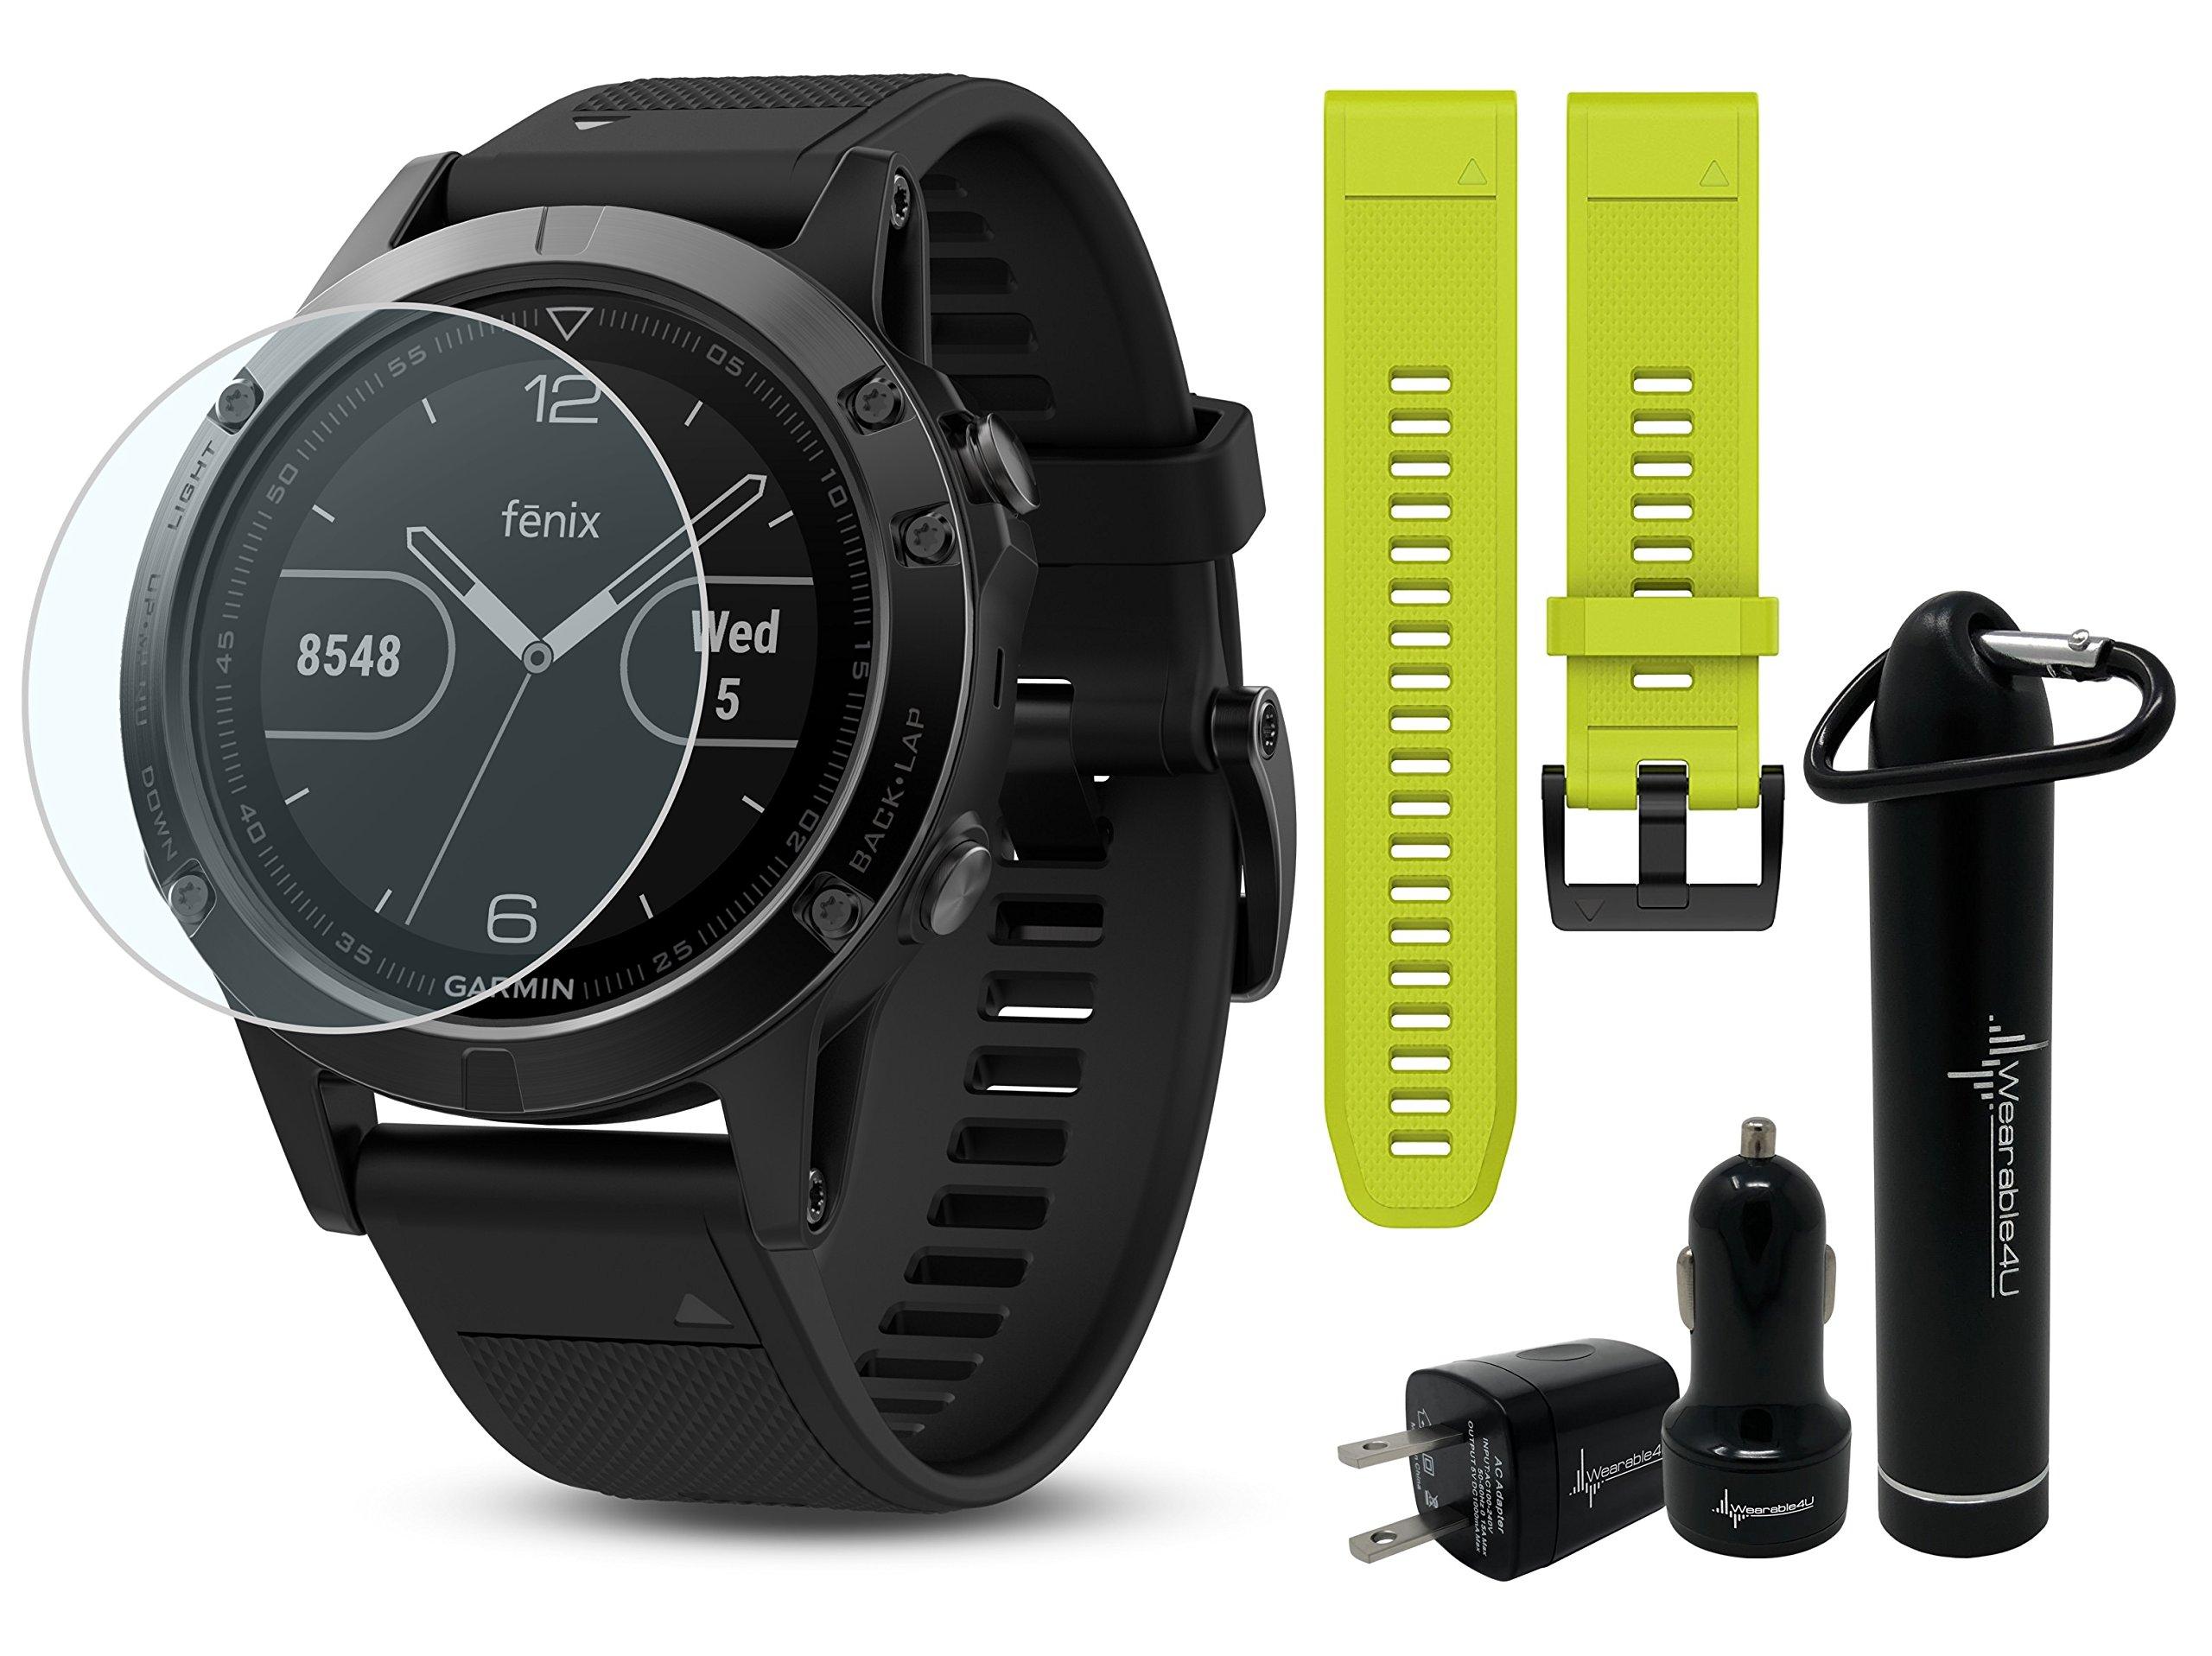 Garmin Fenix 5 GPS Multisport Watch Ultimate Bundle   Includes Garmin Fenix 5 Watch (47mm), HD Glass Screen Protector, Wearable4U Power Bank, Wearable4U Car / Wall USB Charging Adapters  